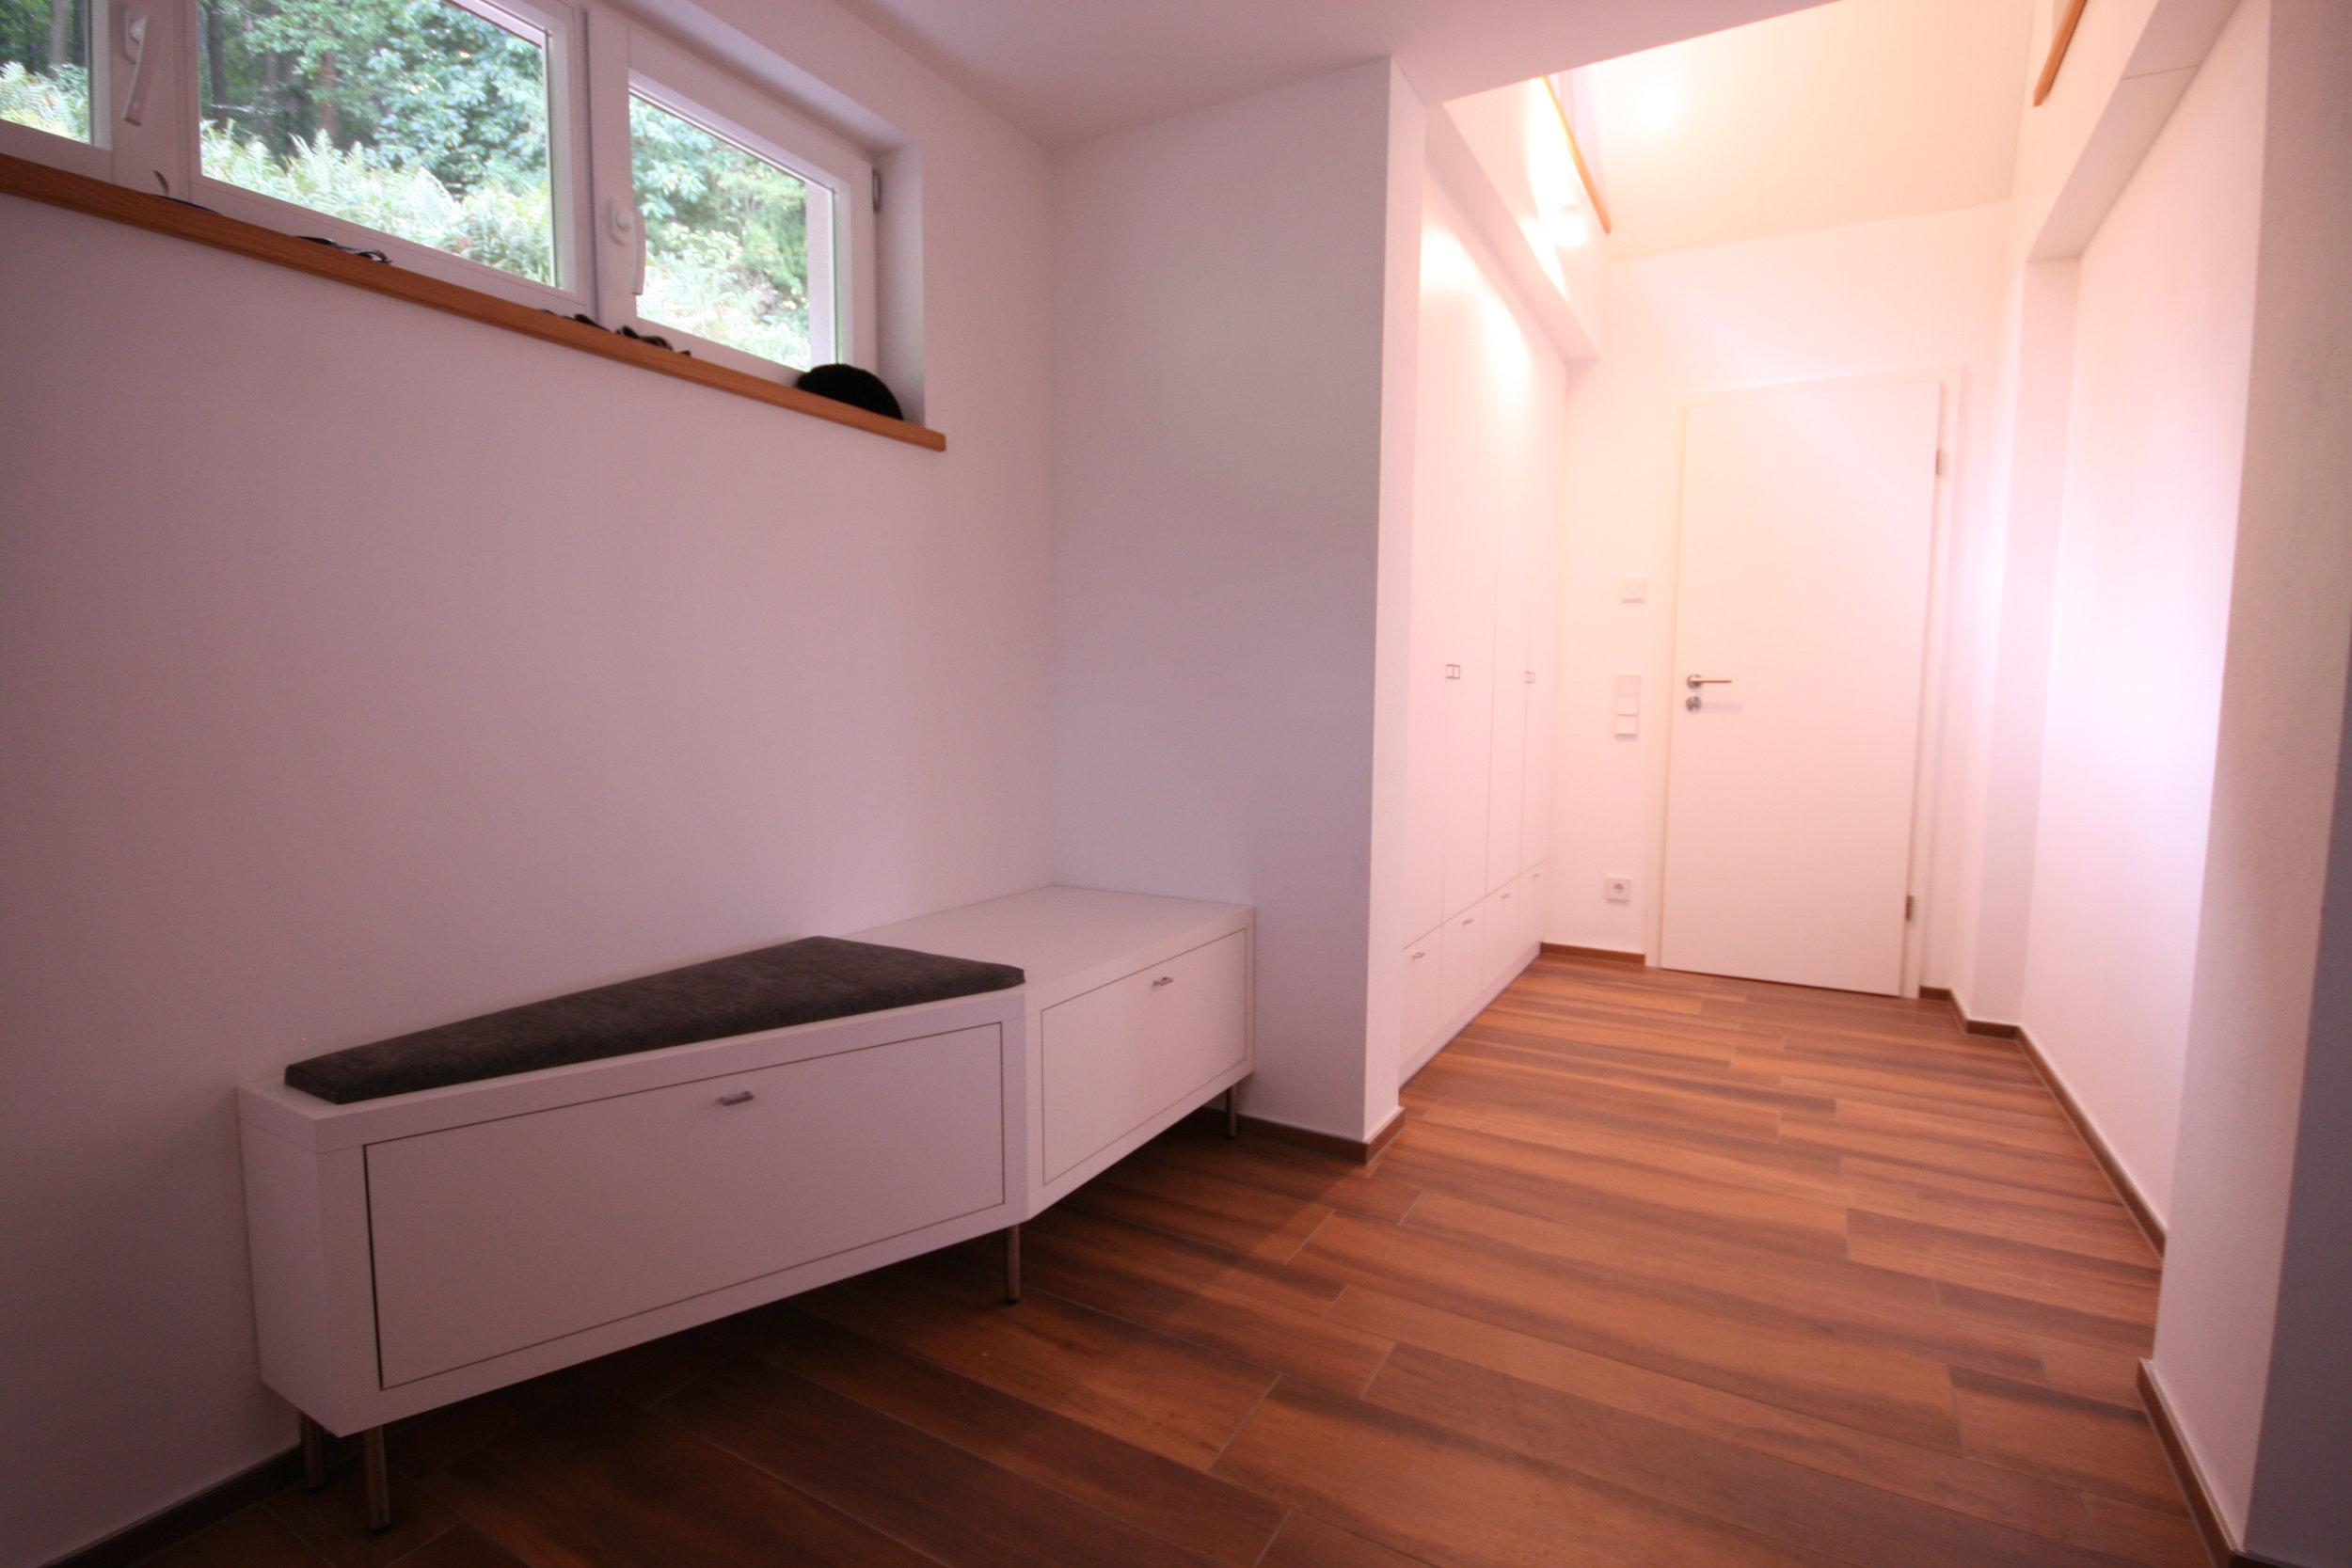 Garderobe in Weiß matt mit Sitzmöbel.JPG